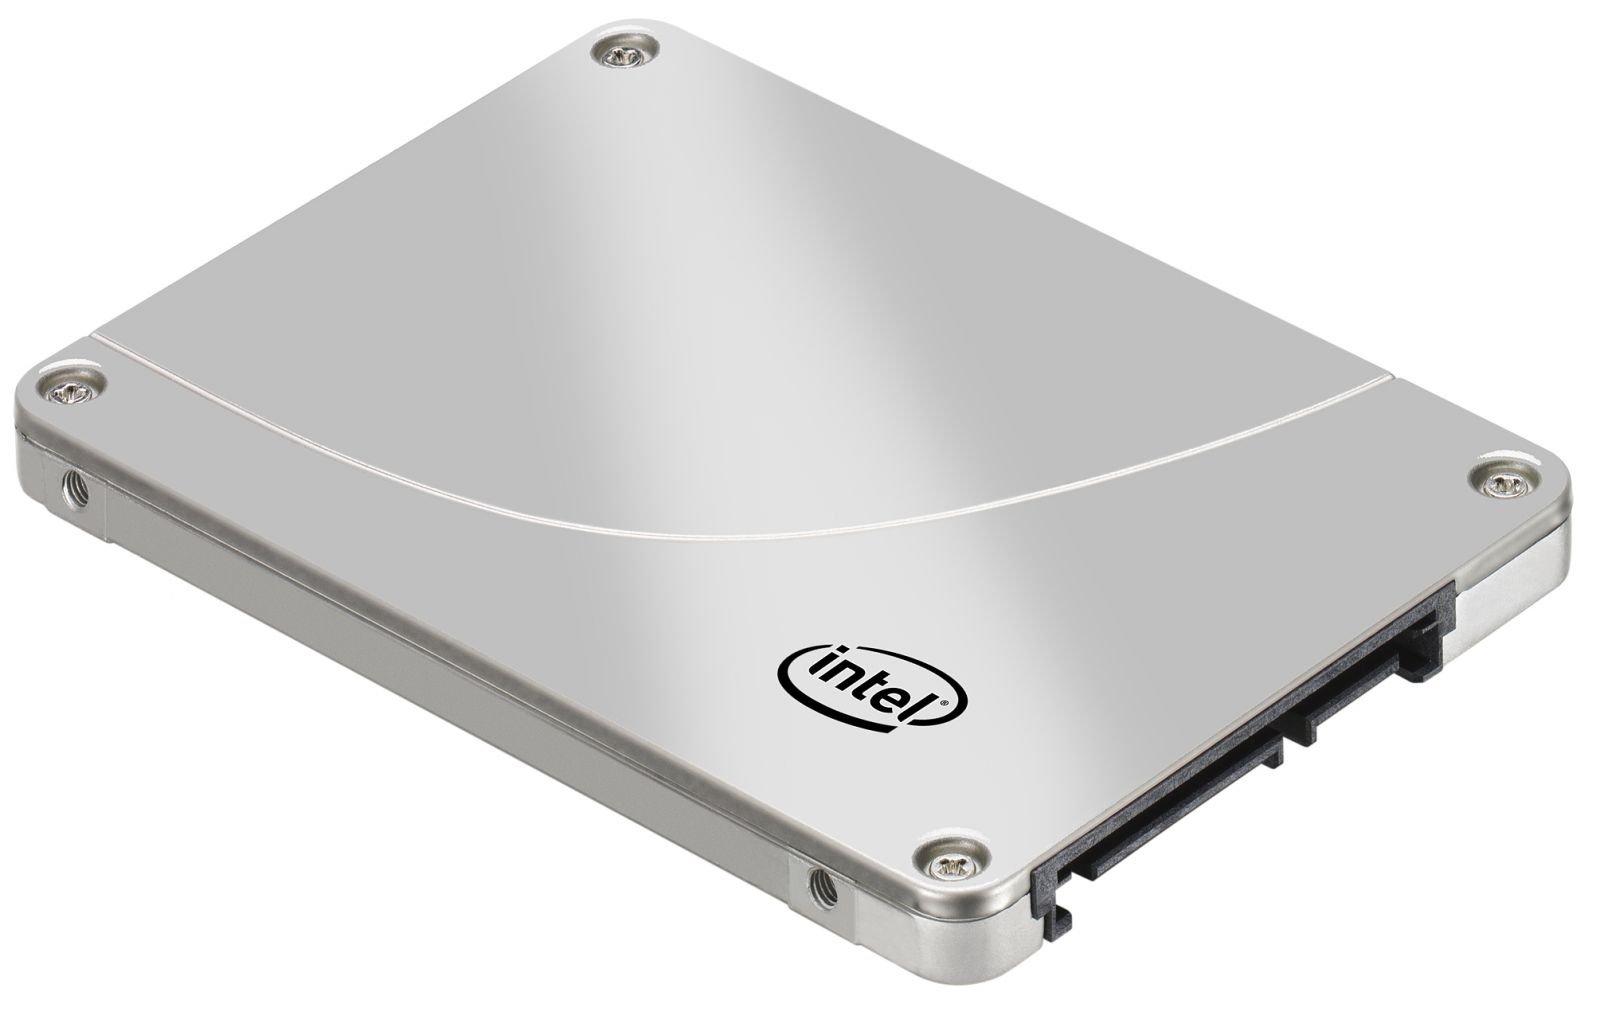 Intel 320 Series Solid State Drive SSDSA2BW300G301 (2.5'' 300GB, SATA 3Gb/s, 25nm, MLC)